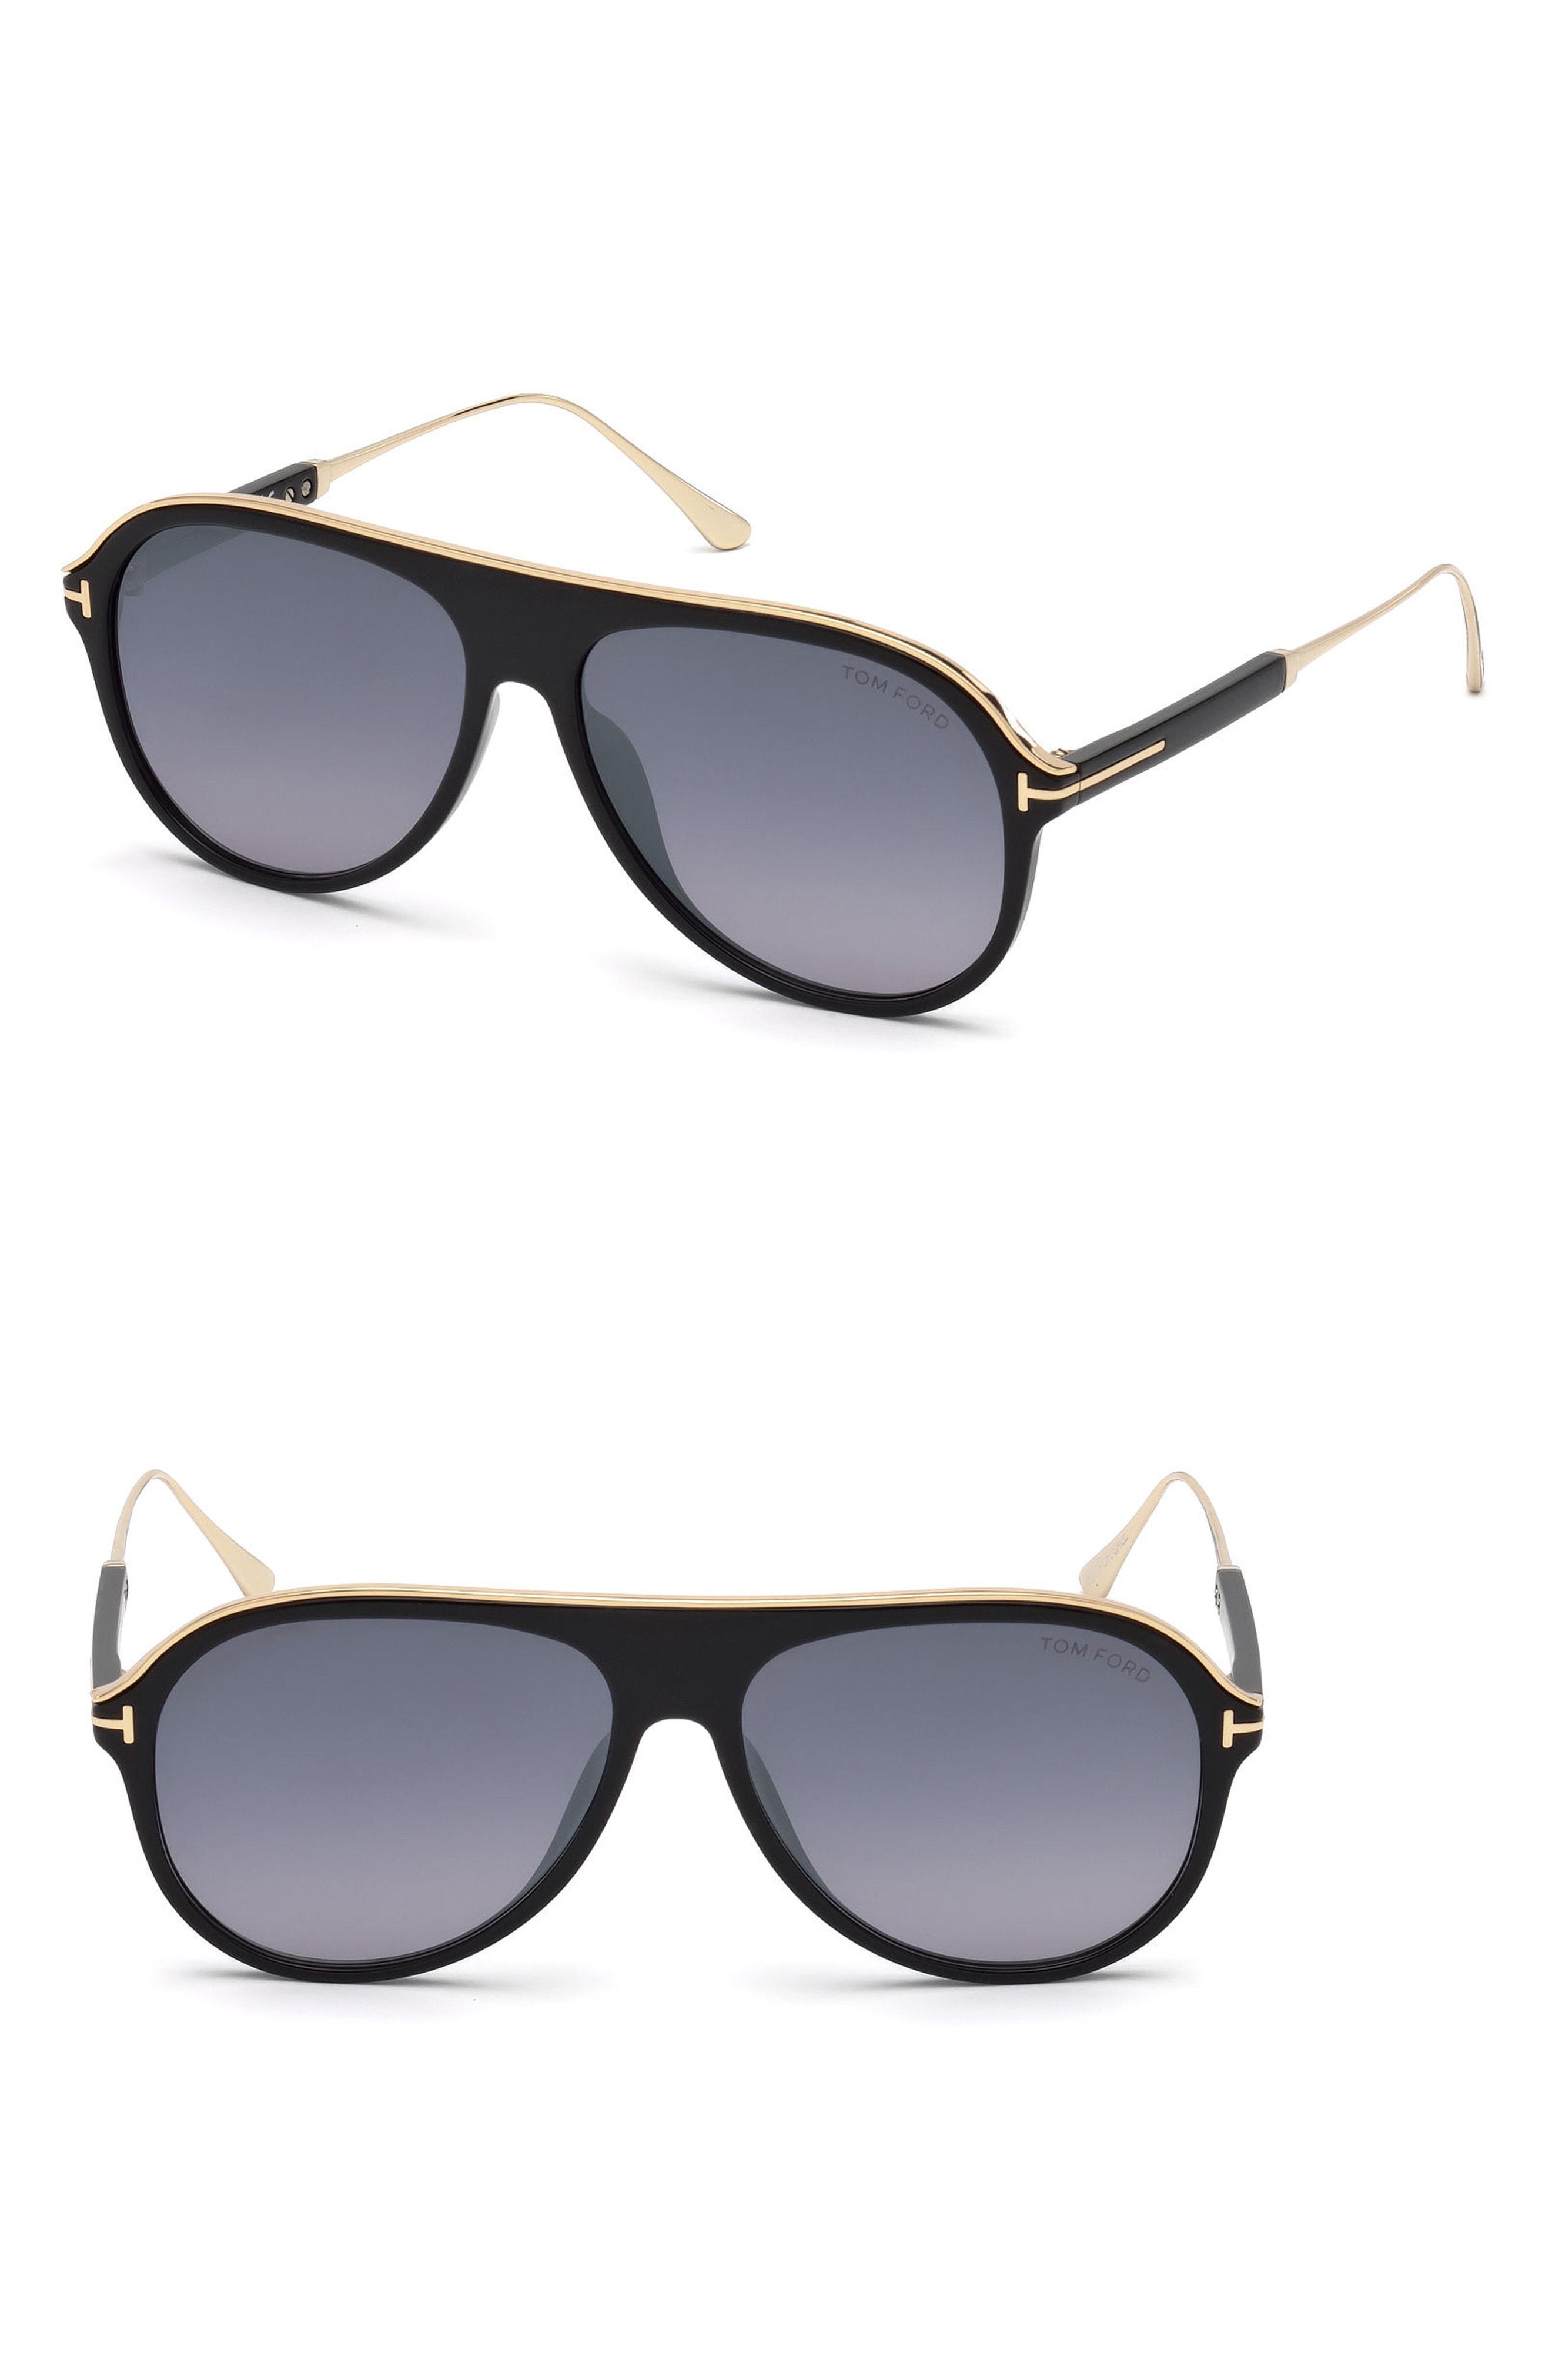 b577c537e70 Tom Ford - Nicholai-02 57mm Sunglasses - Shiny Black   Smoke Mirror for Men.  View fullscreen